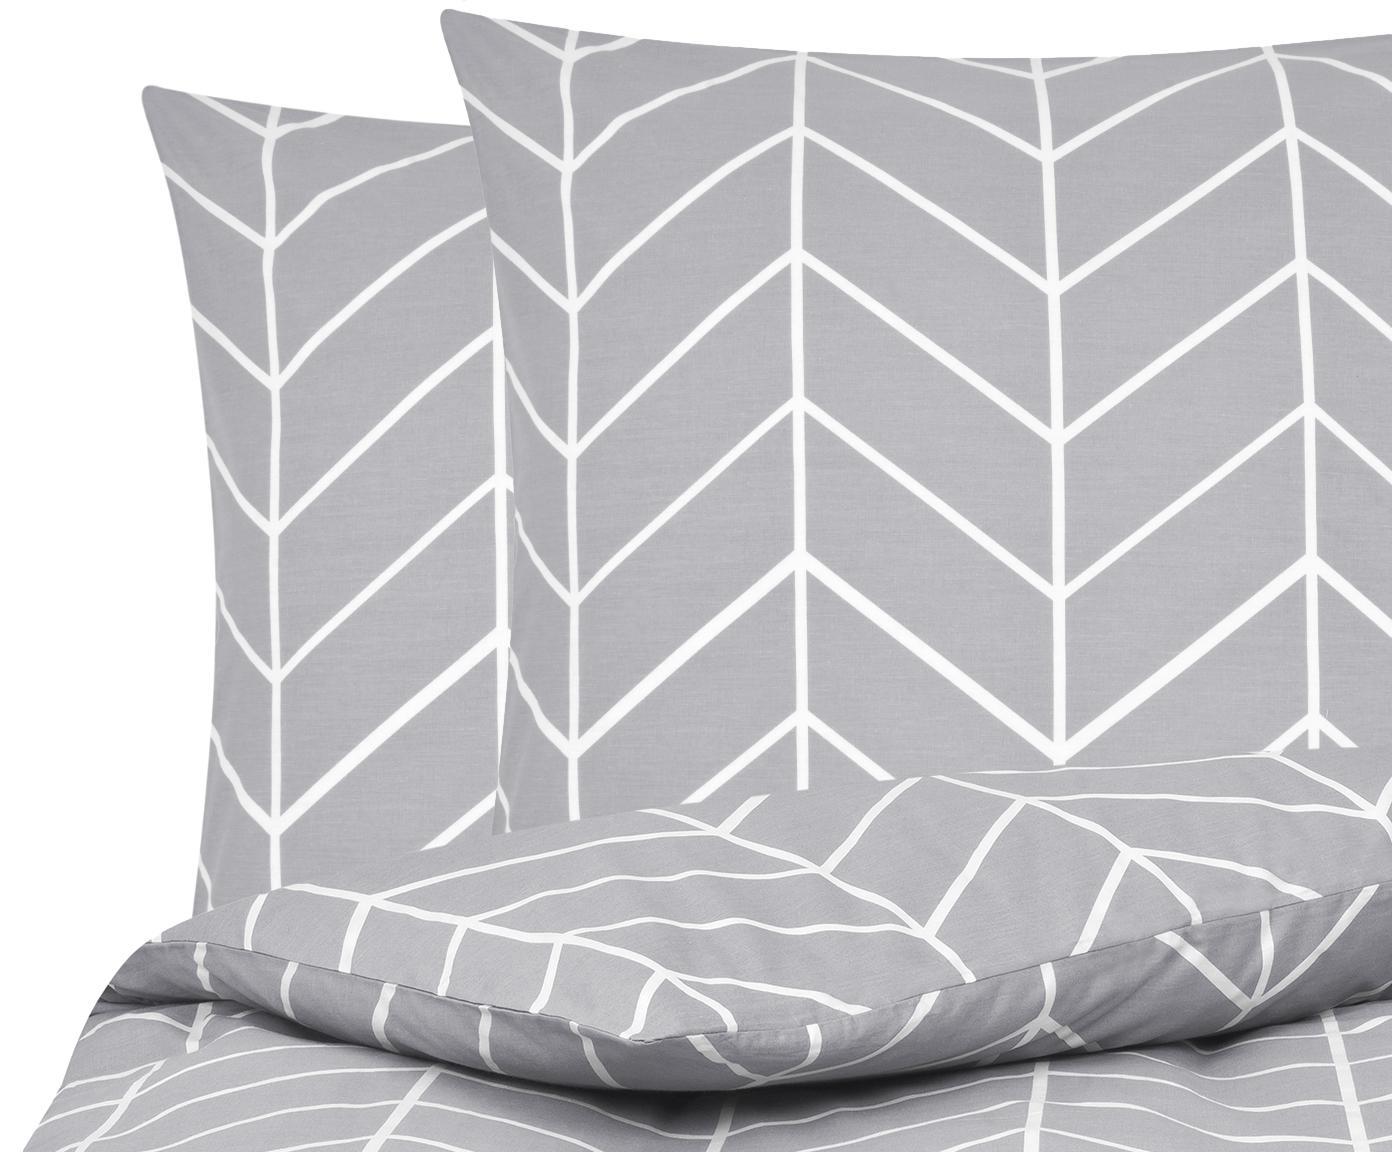 Baumwoll-Bettwäsche Mirja mit grafischem Muster, Webart: Renforcé Fadendichte 144 , Grau, Cremeweiß, 200 x 200 cm + 2 Kissen 80 x 80 cm